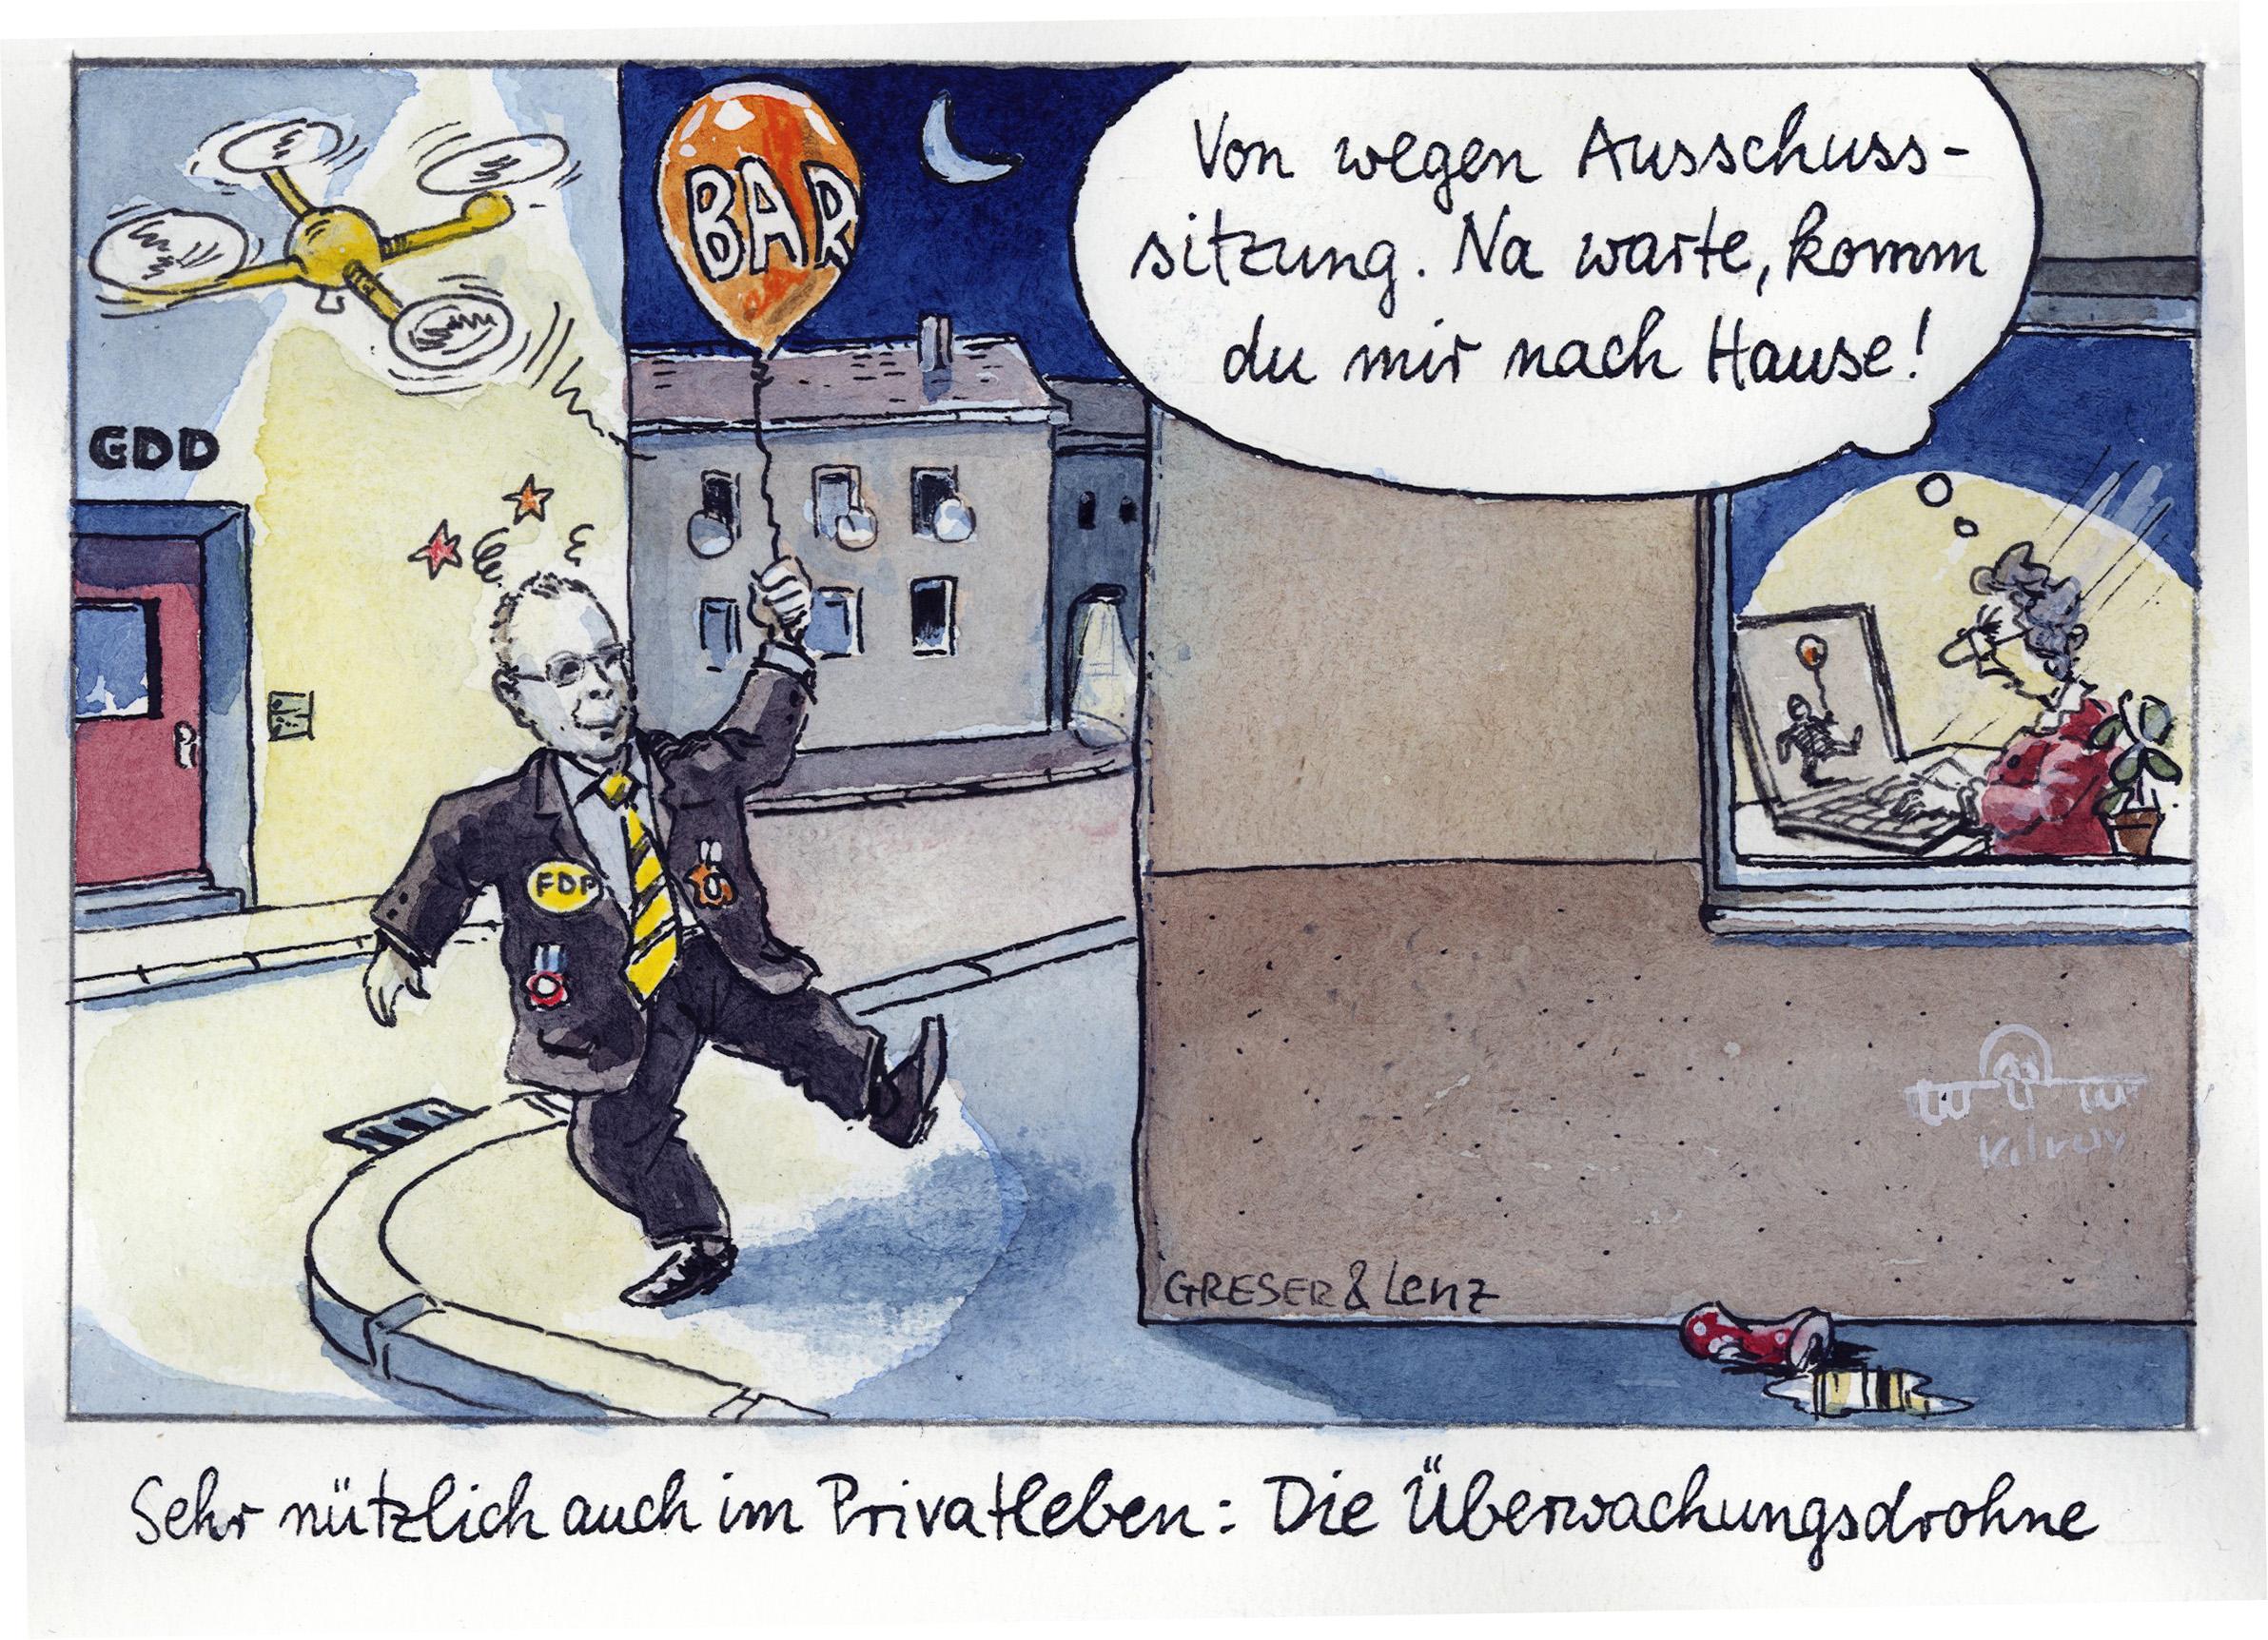 datenschutz cartoons gdd e v datenschutzverordnung 2018 datenschutz englisch